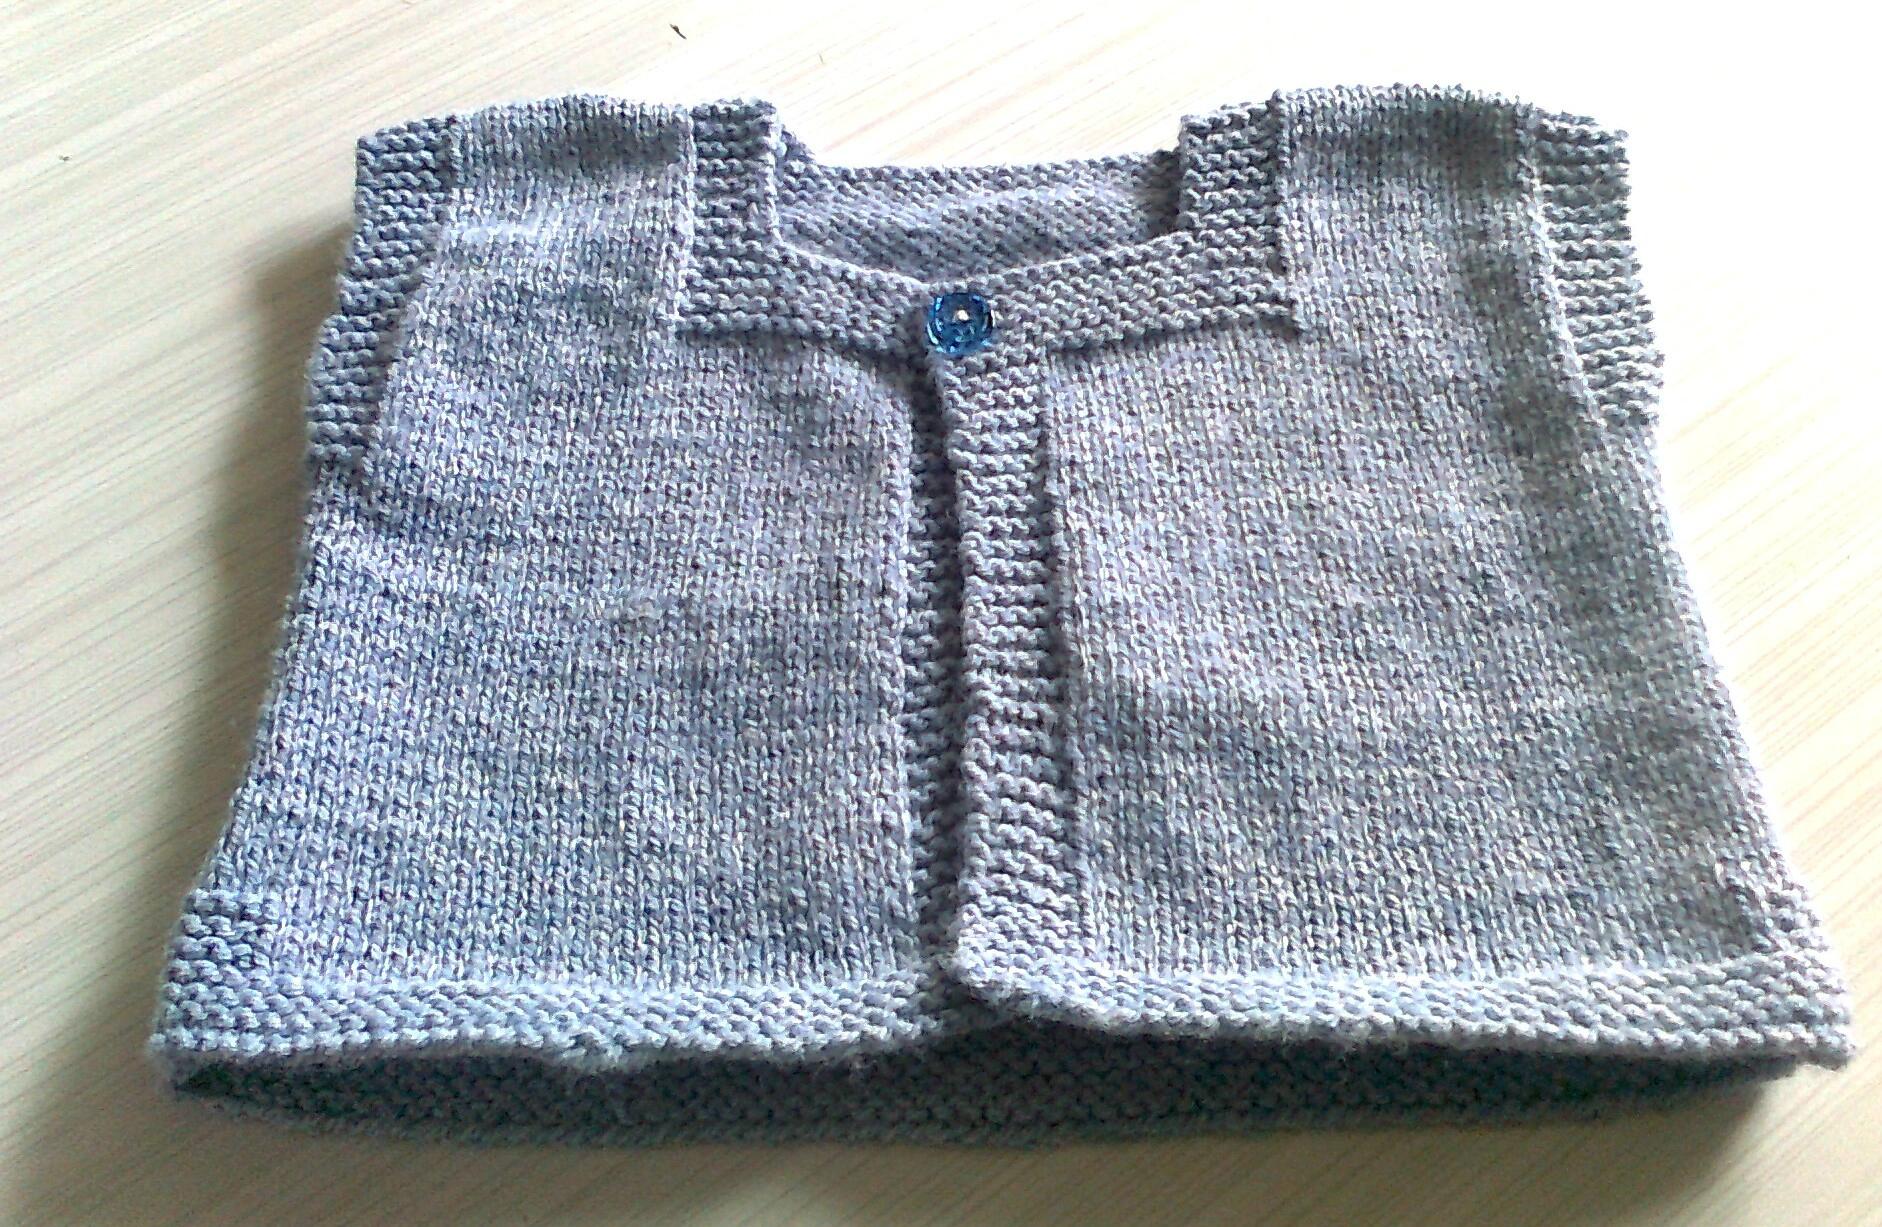 Brassière en laine bébé à tricoter - Idées de tricot gratuit 45501560477